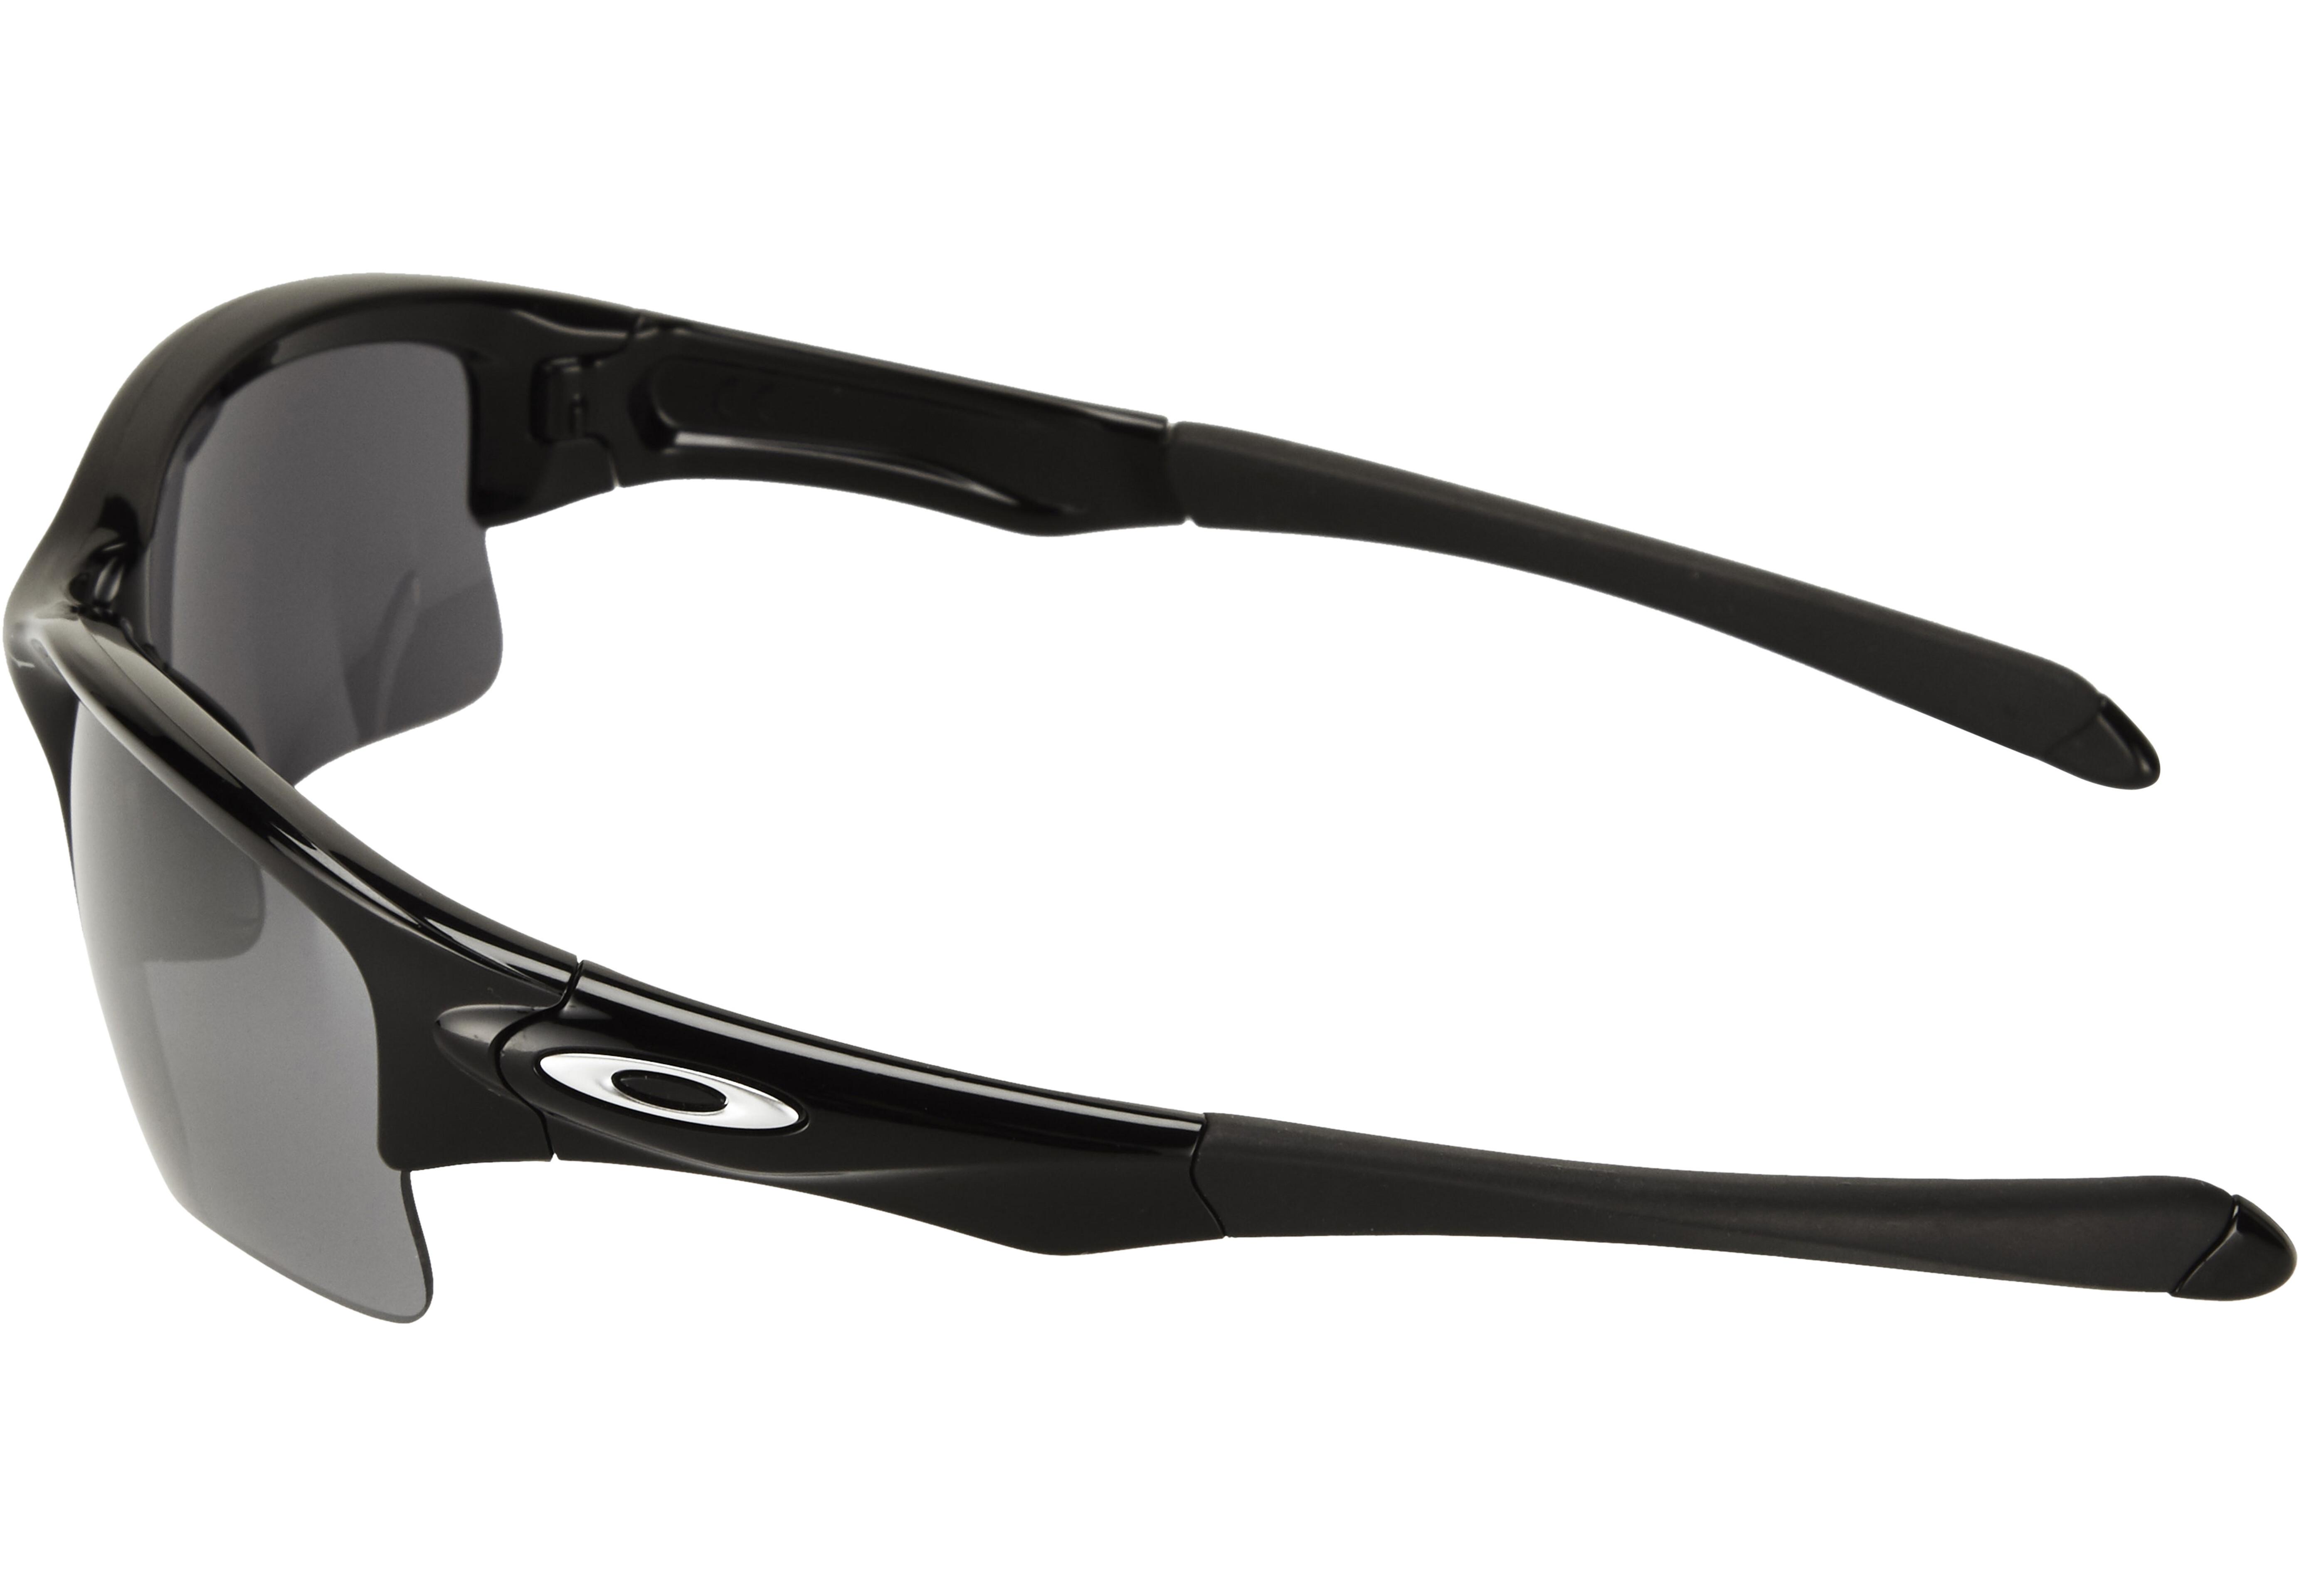 554ef5540a Oakley Quarter Jacket - Lunettes cyclisme Enfant - noir - Boutique ...